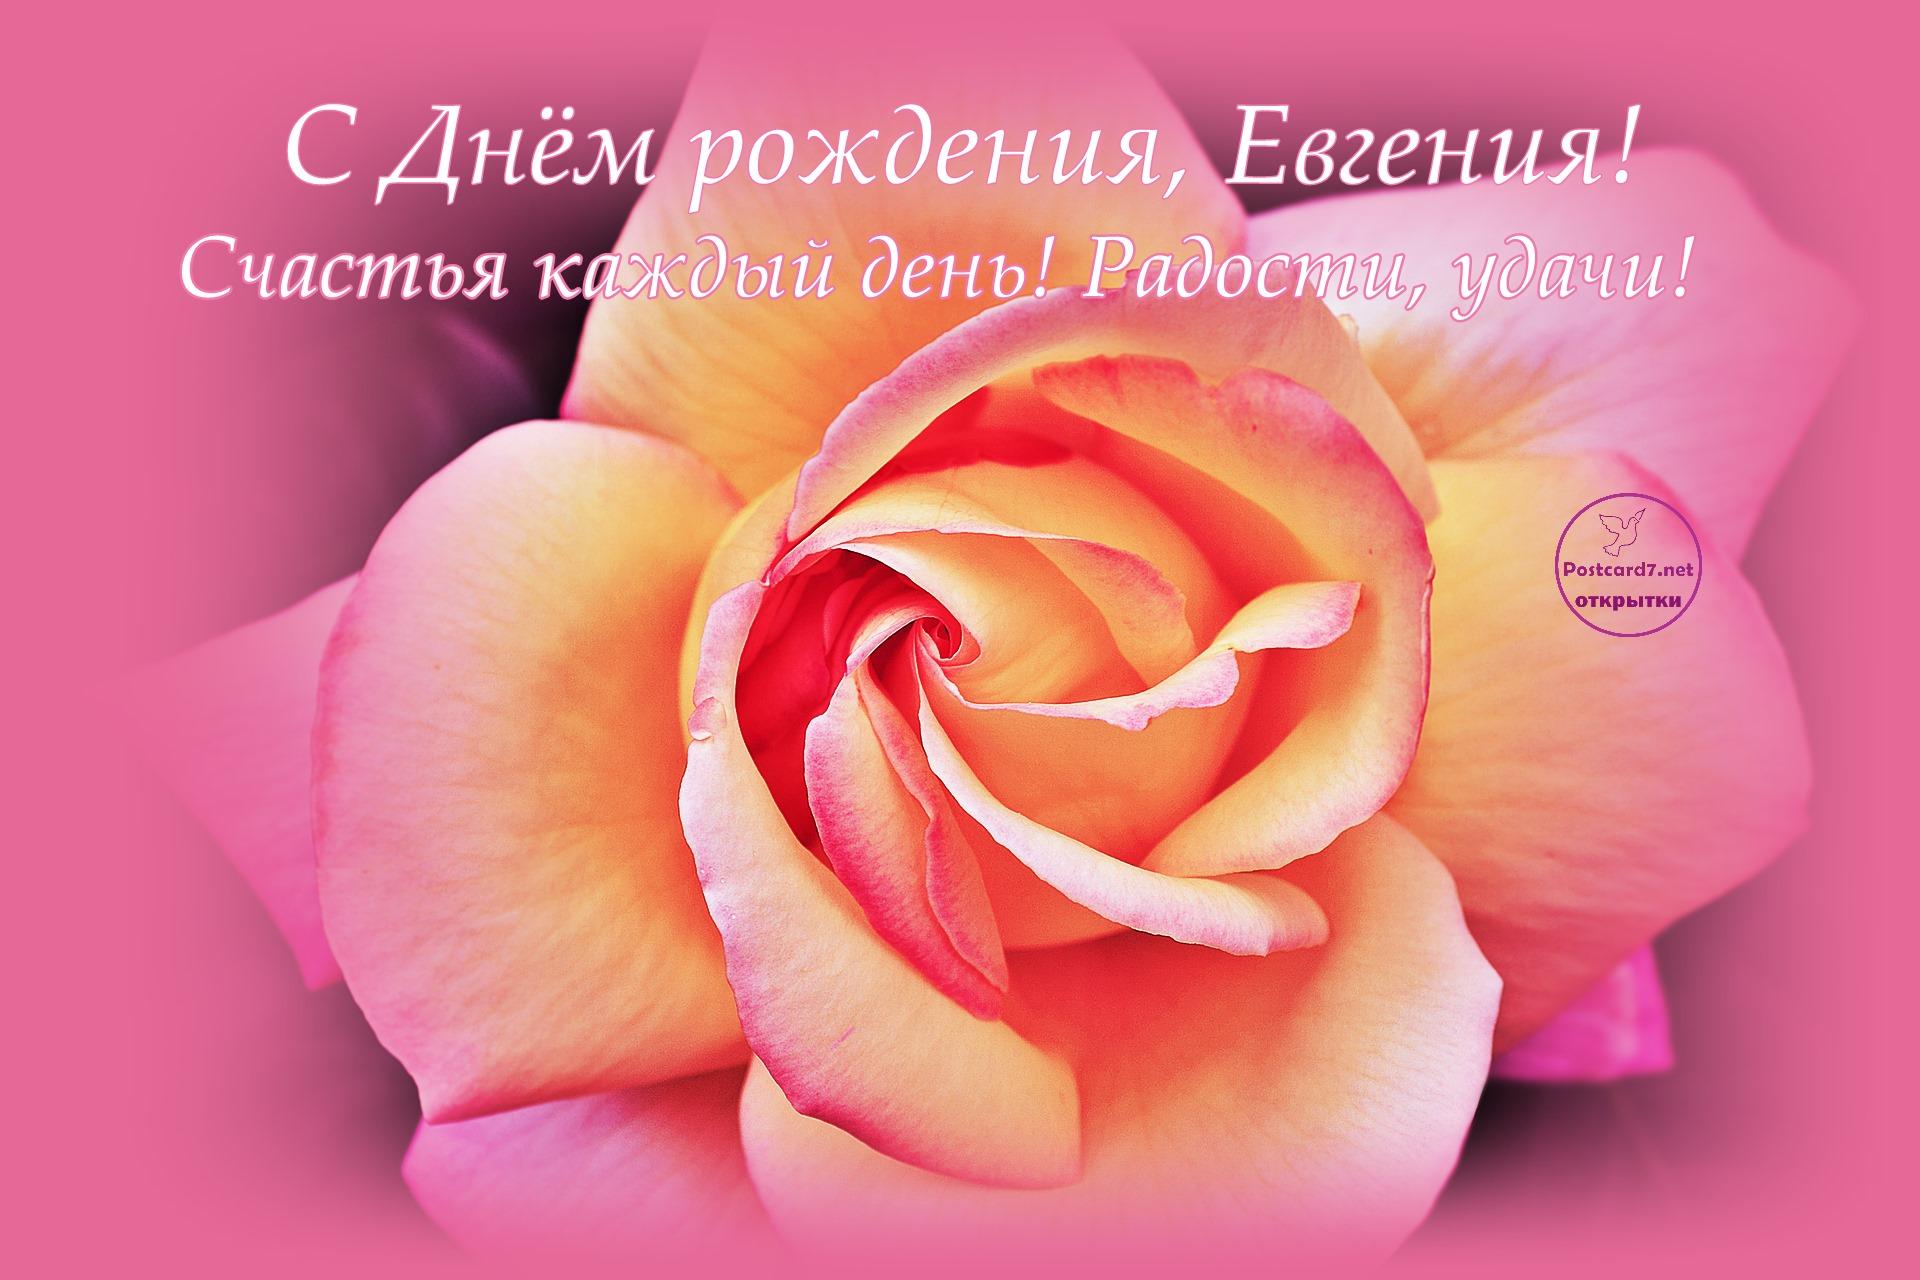 Красивая открытка с днем рождения женечке, поздравления